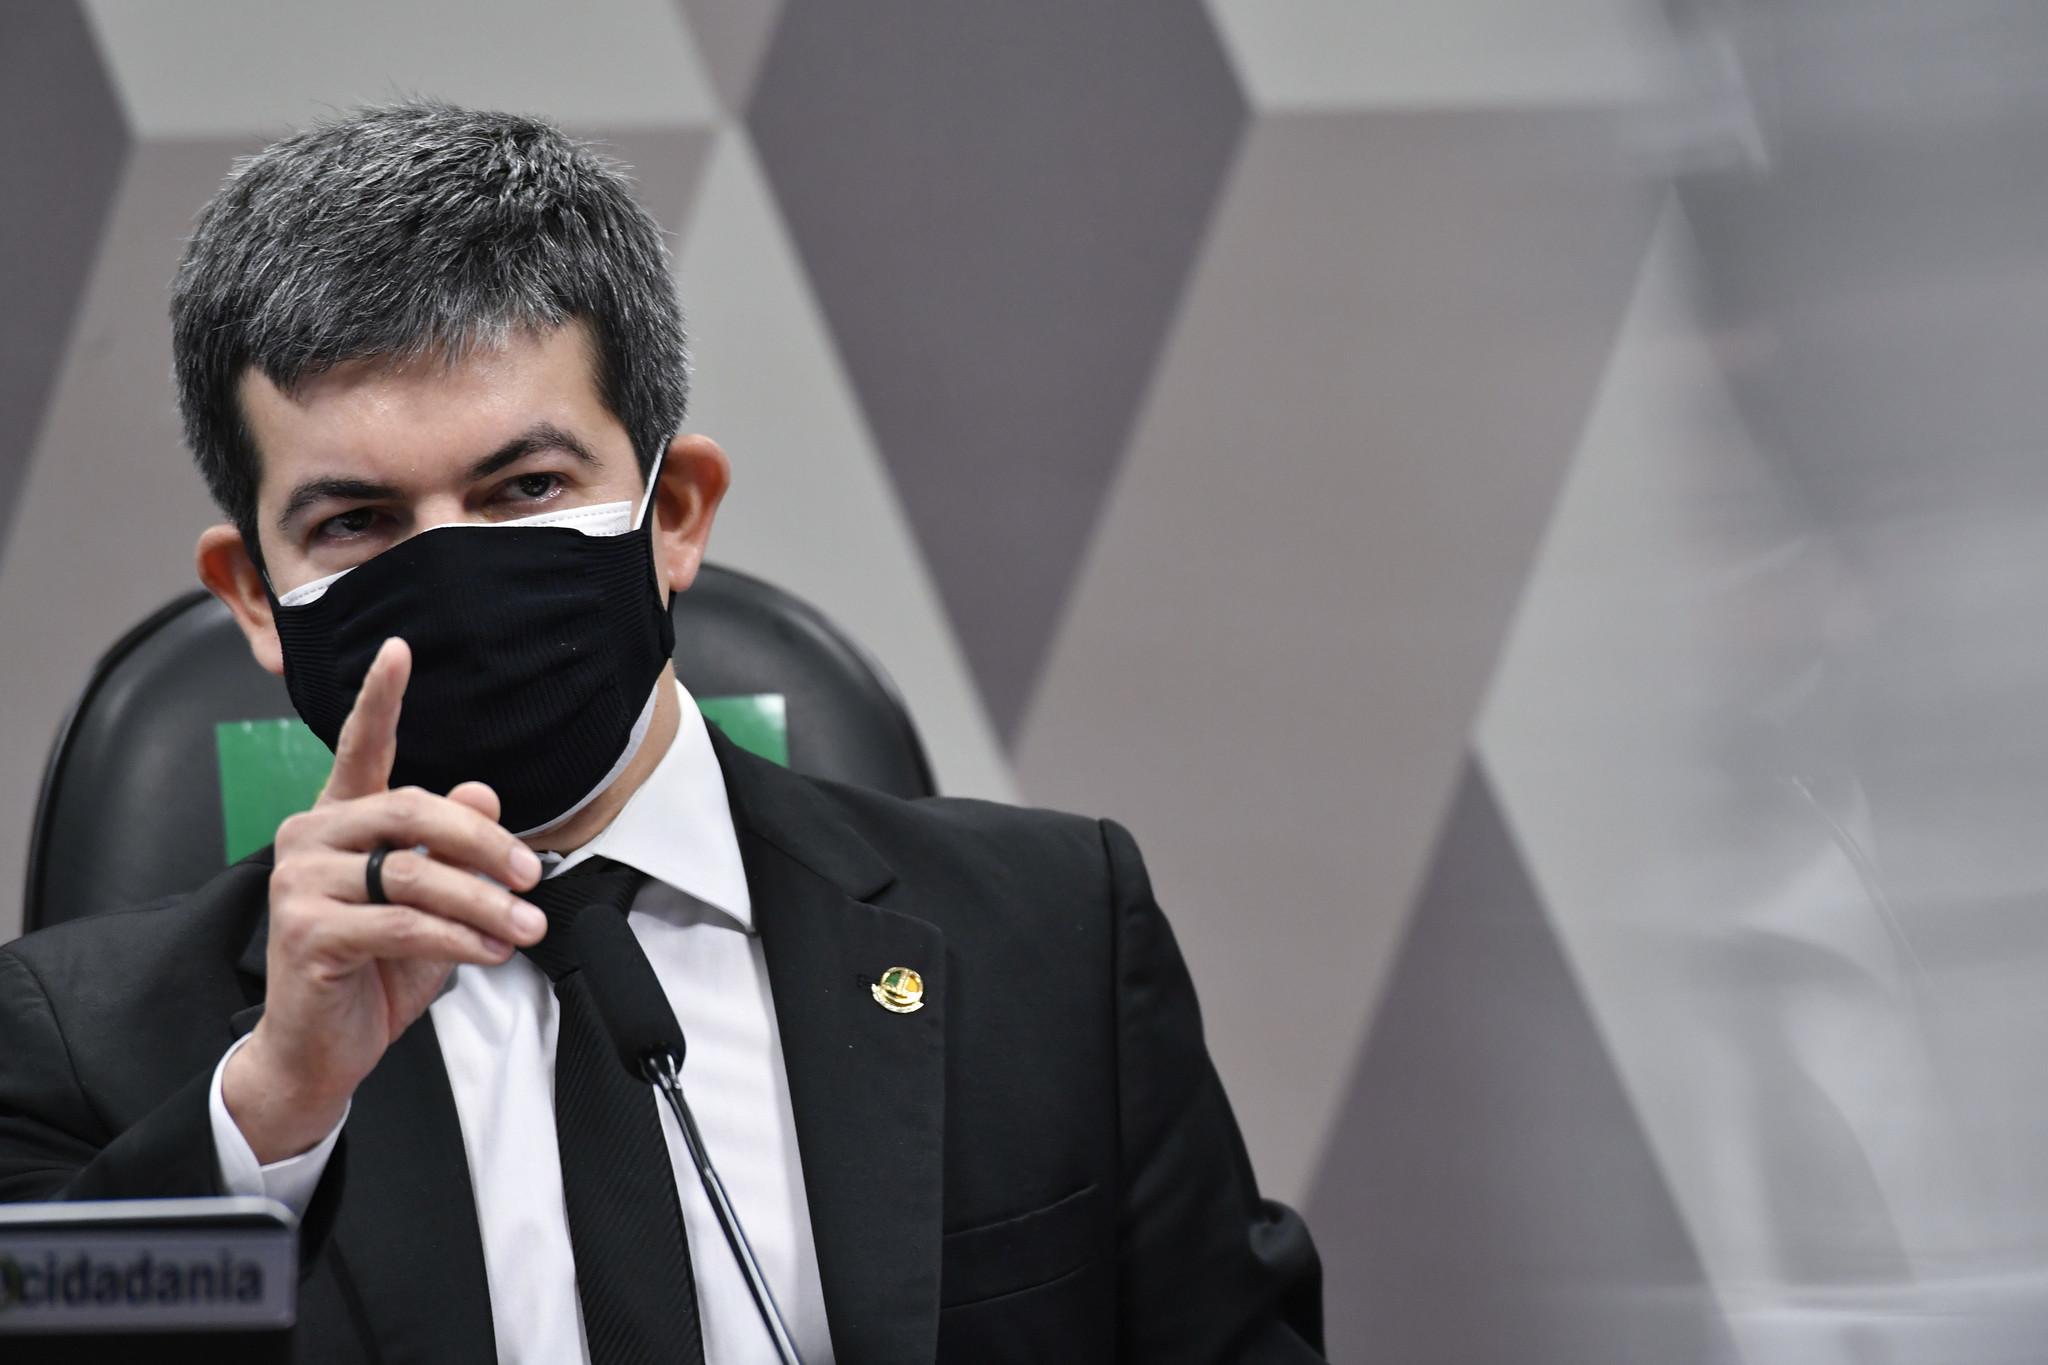 IMAGEM: Ex-superintendente da Saúde no Rio aciona STF contra quebras de sigilo